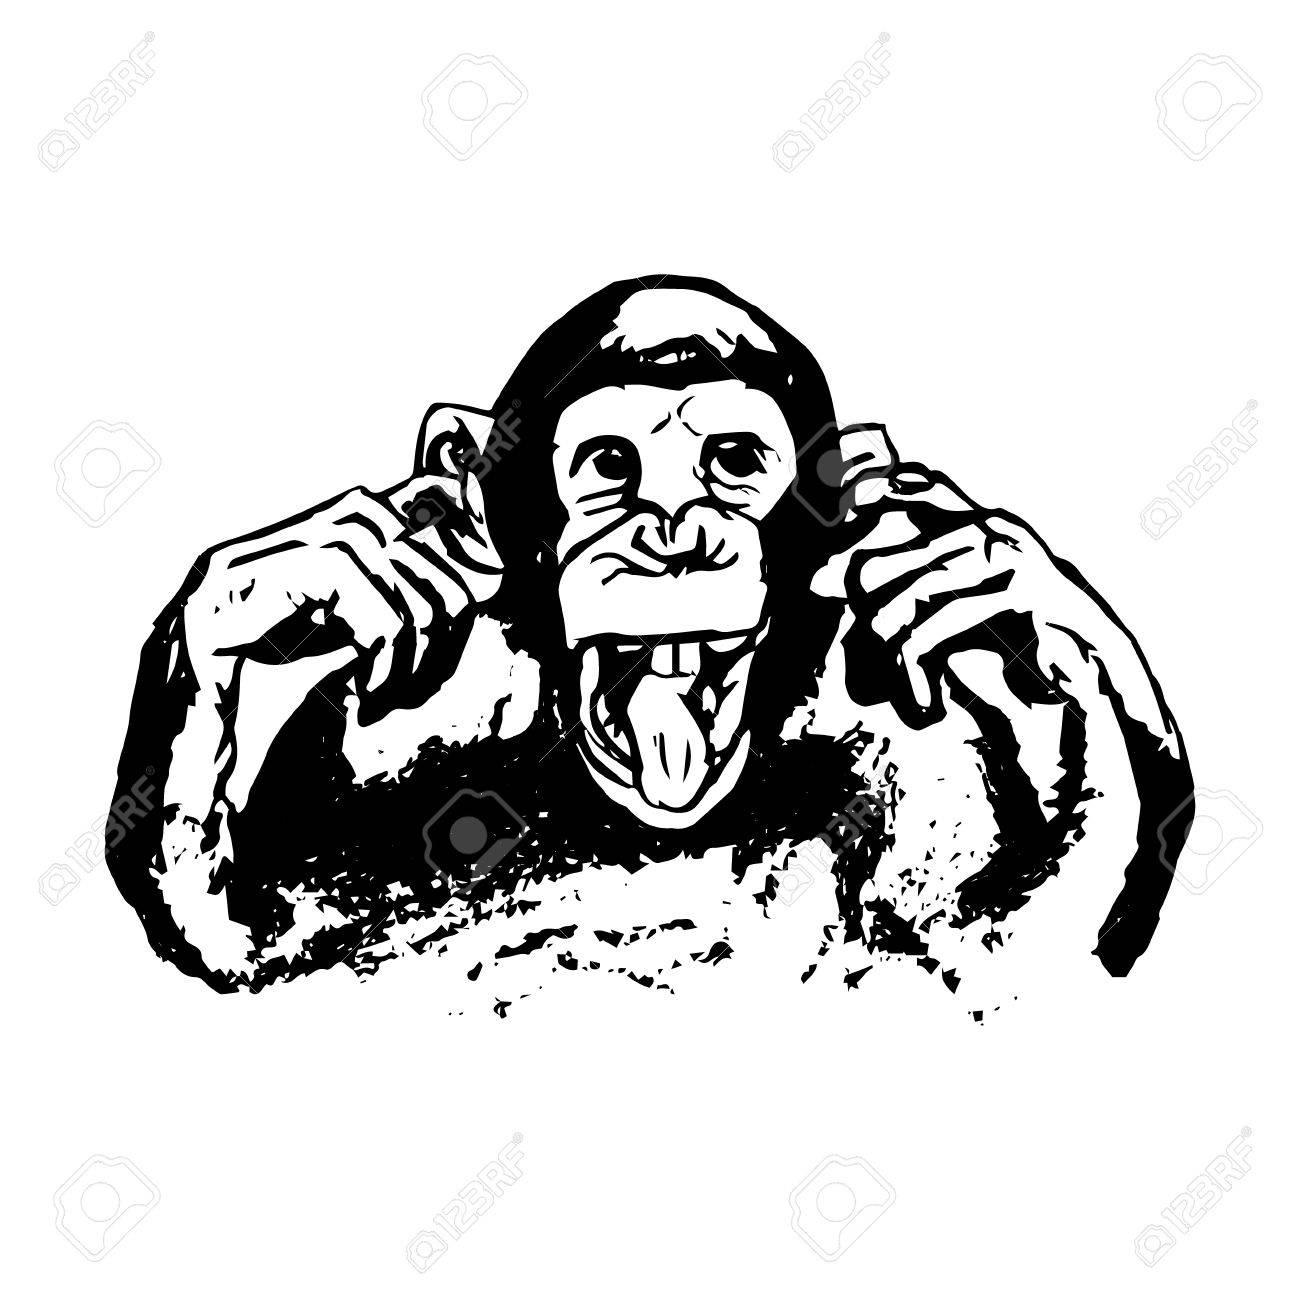 1300x1300 Graphic Image Of A Monkey. Monkey Showing Tongue, Grimace. Monkey